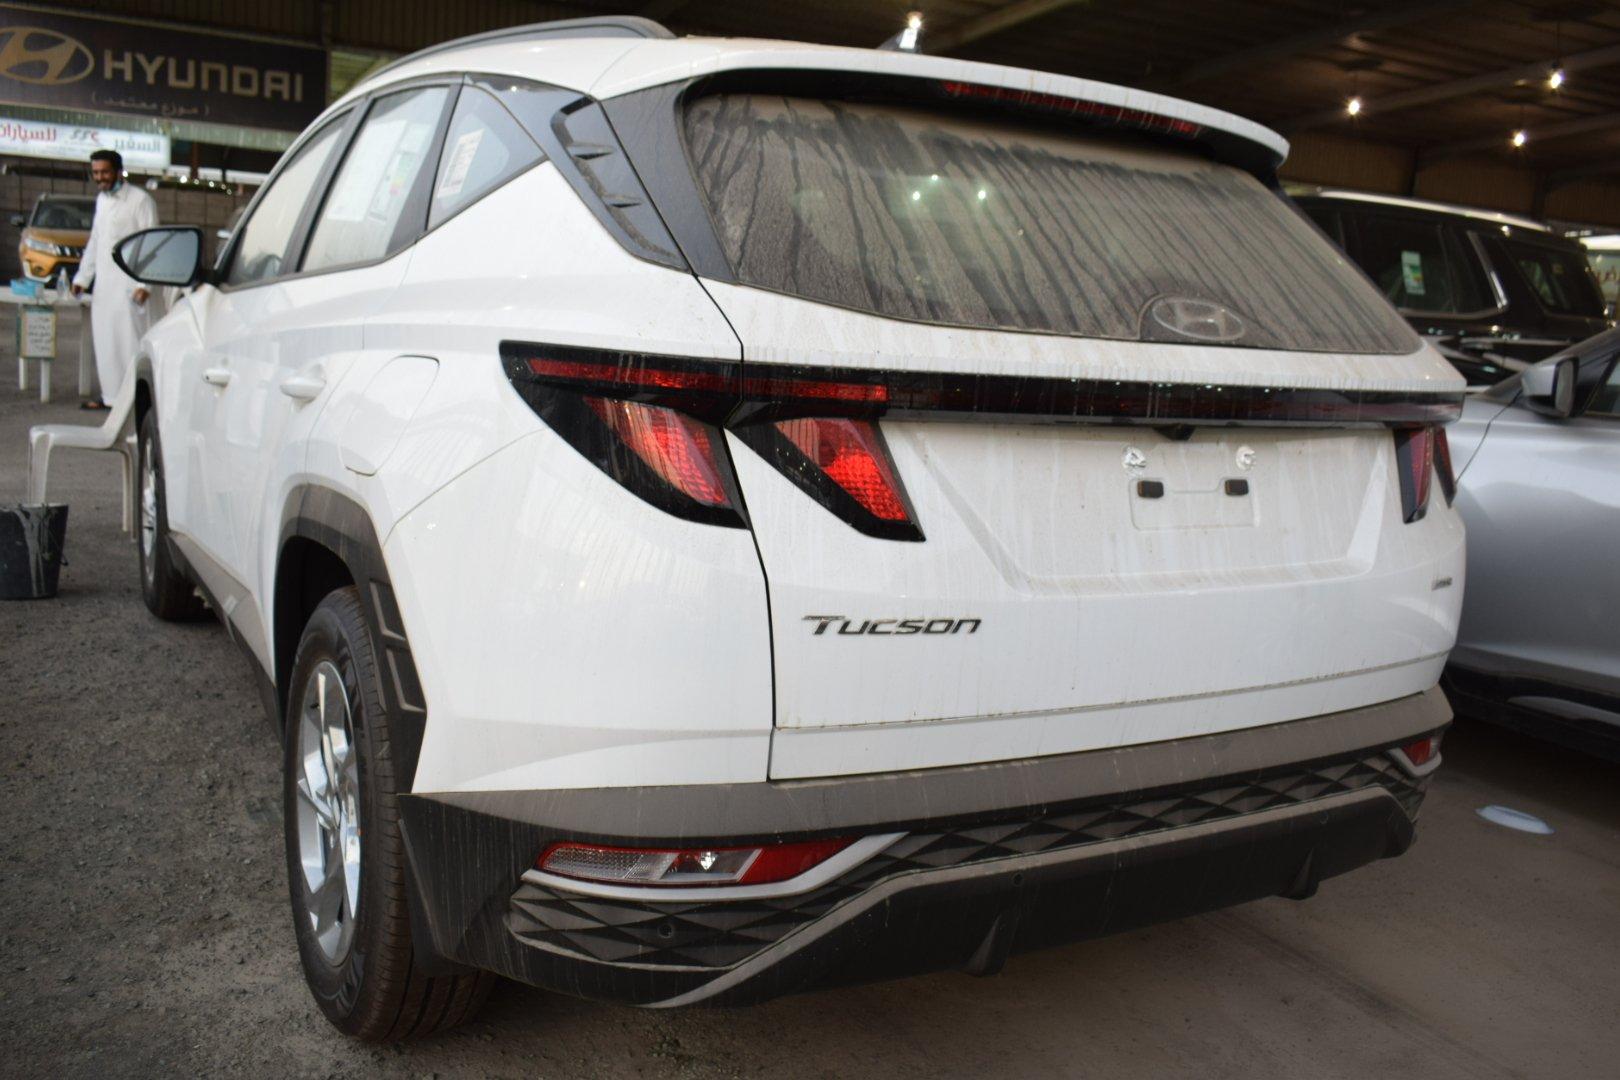 هونداي توسان Smart 2022 ستاندر دبل سعودي للبيع في جدة - السعودية - صورة كبيرة - 2